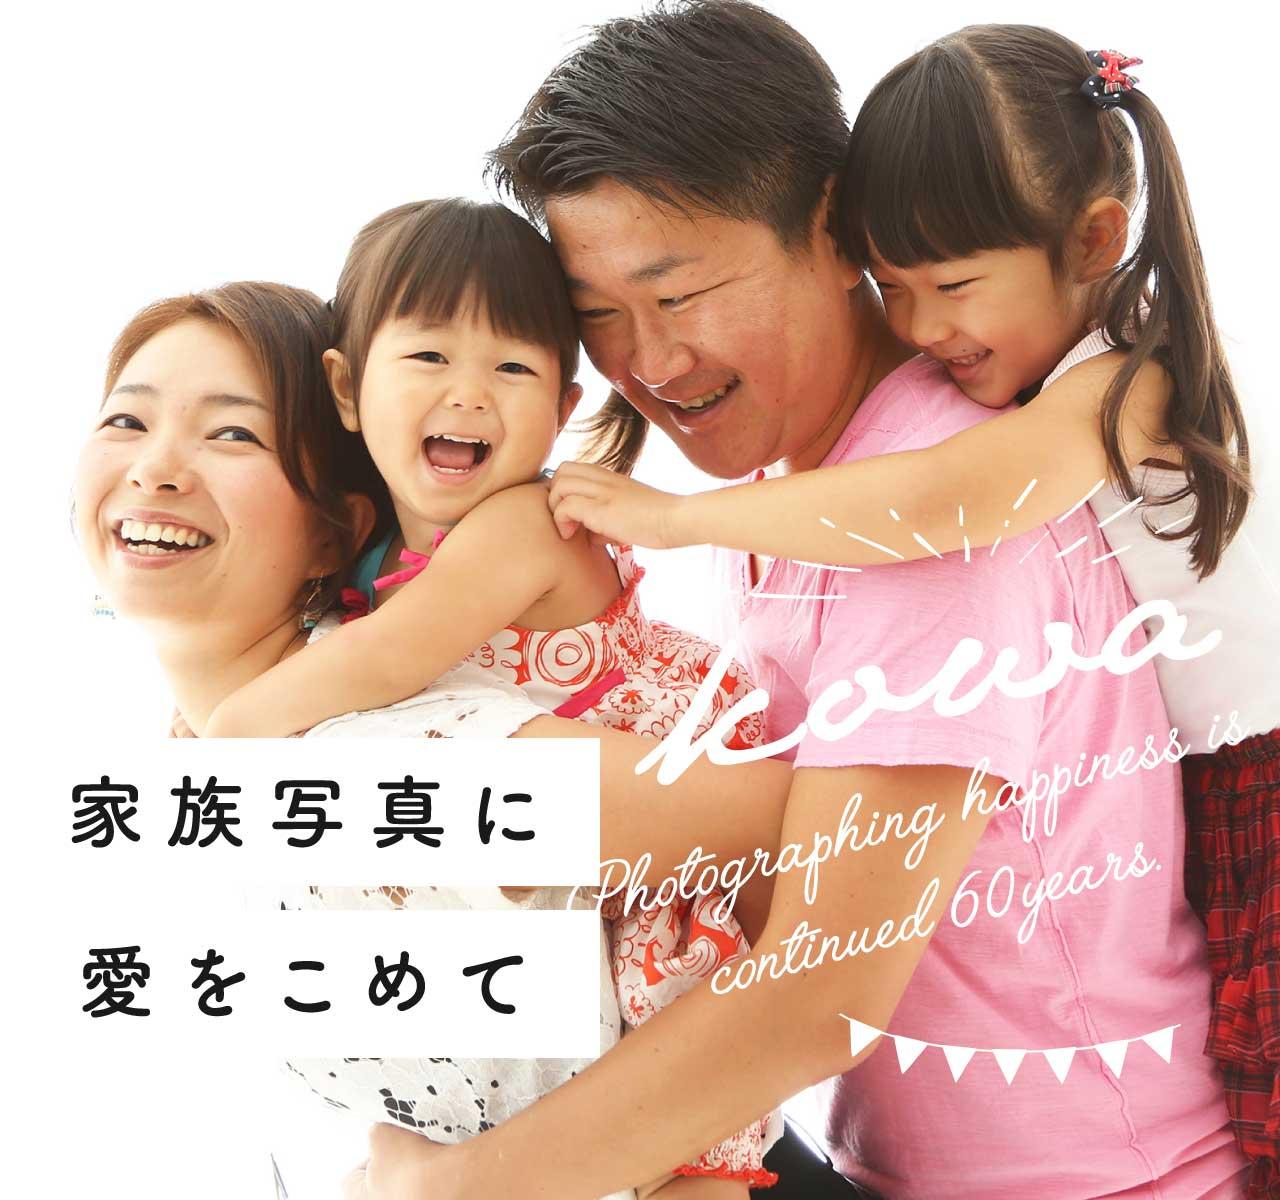 家族写真に愛をこめて